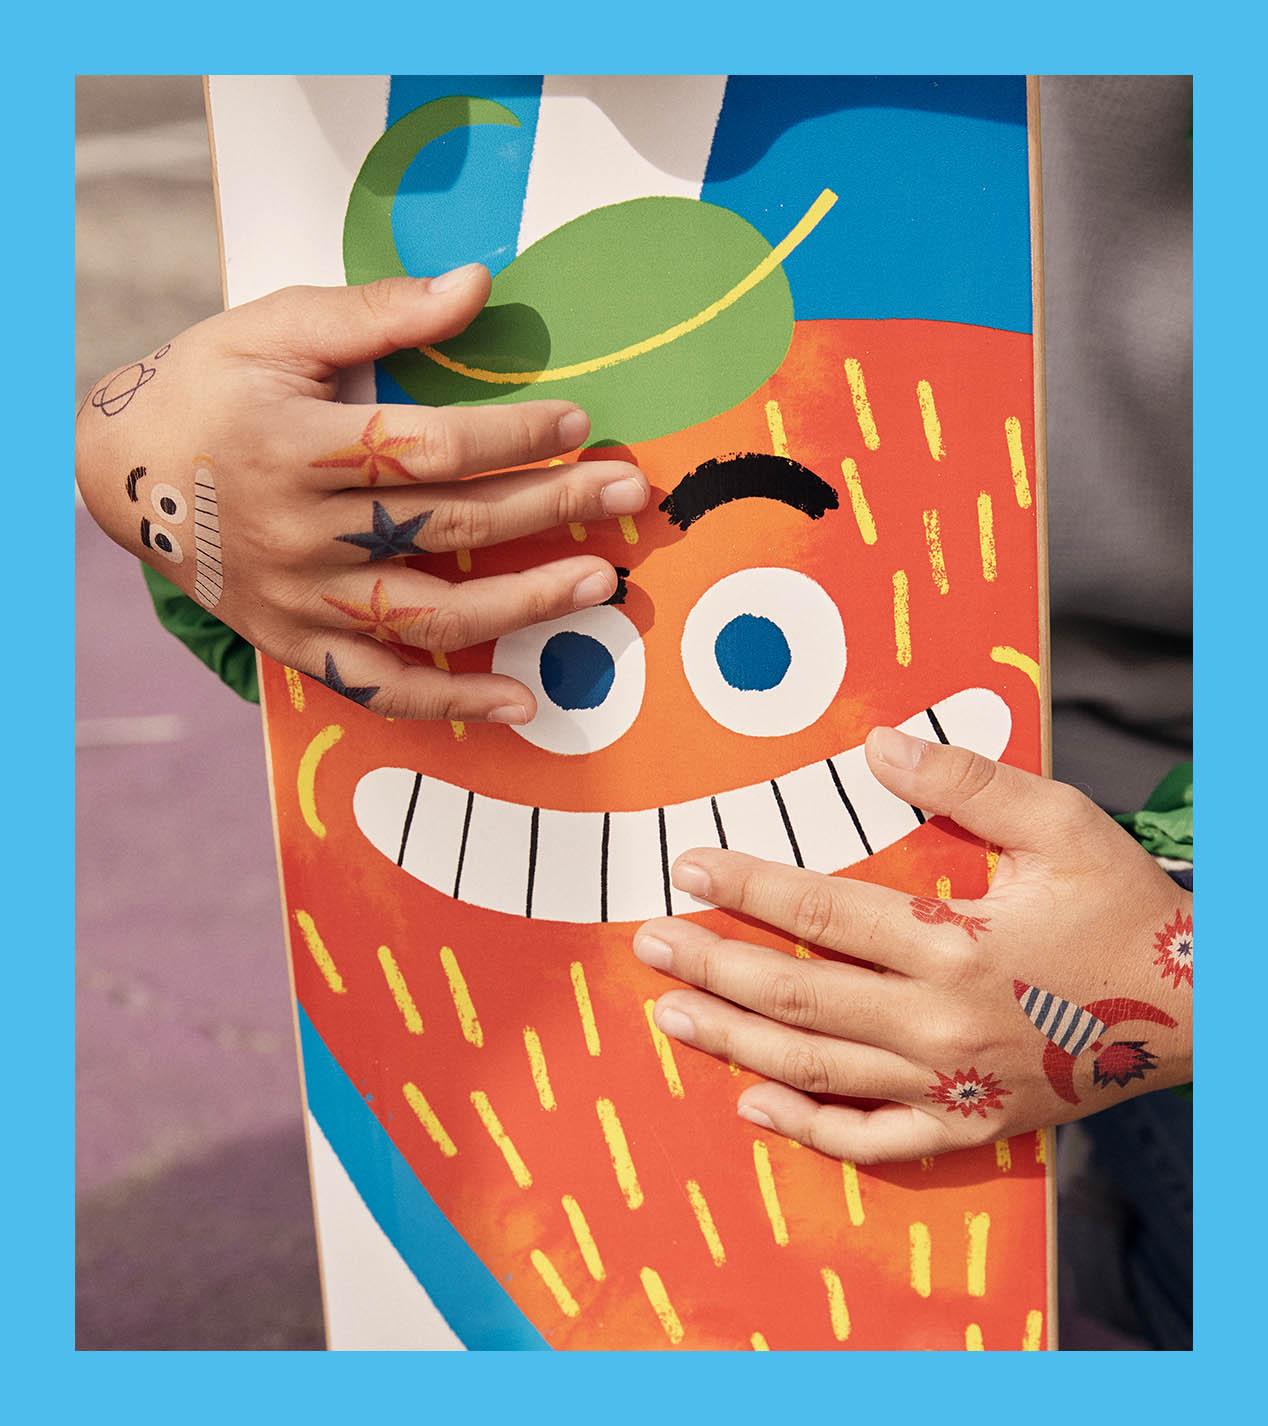 Gimmies-LOOKBOOK2-030119-8 SBR Artboard B.jpg